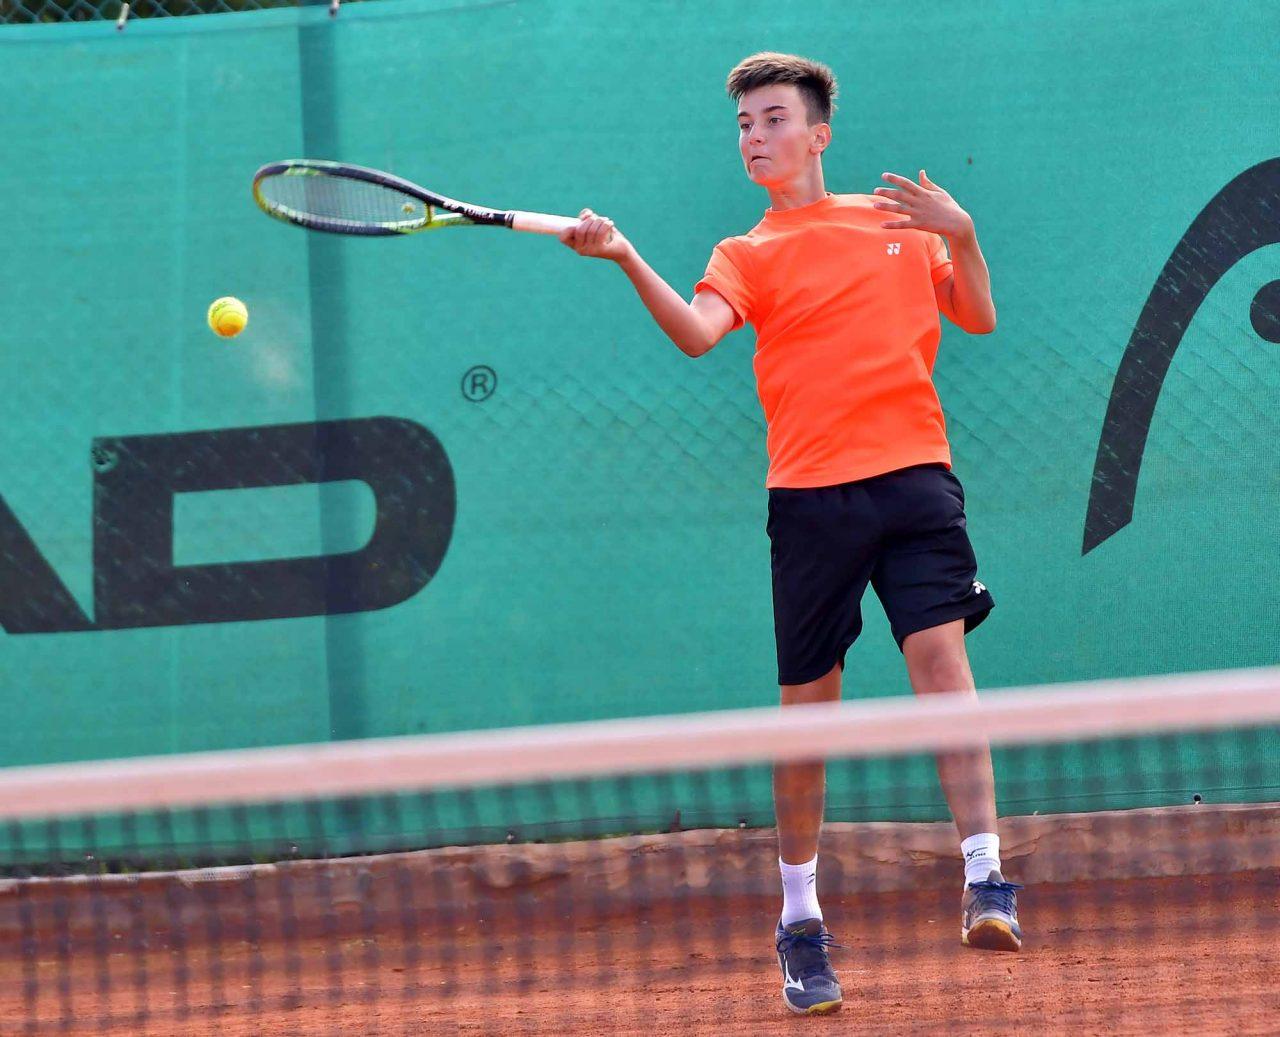 Държавно първенство тенис до 14 год. ТК 15-40 момчета (17)